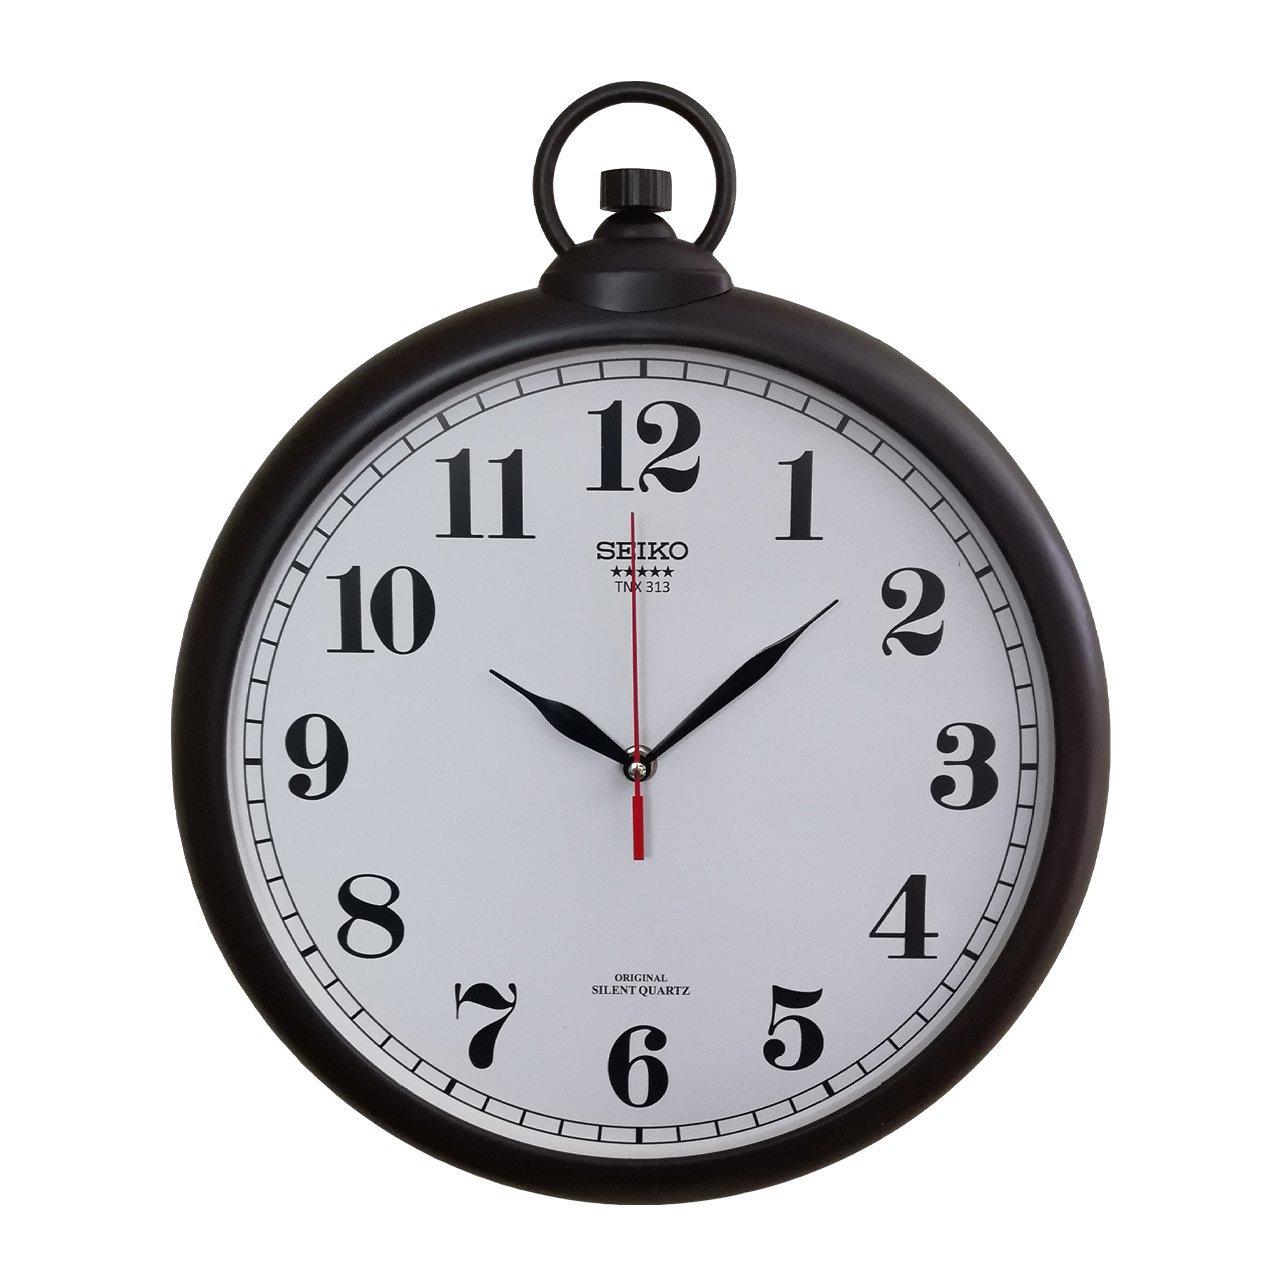 ساعت دیواری طرح سیکو مدل R313